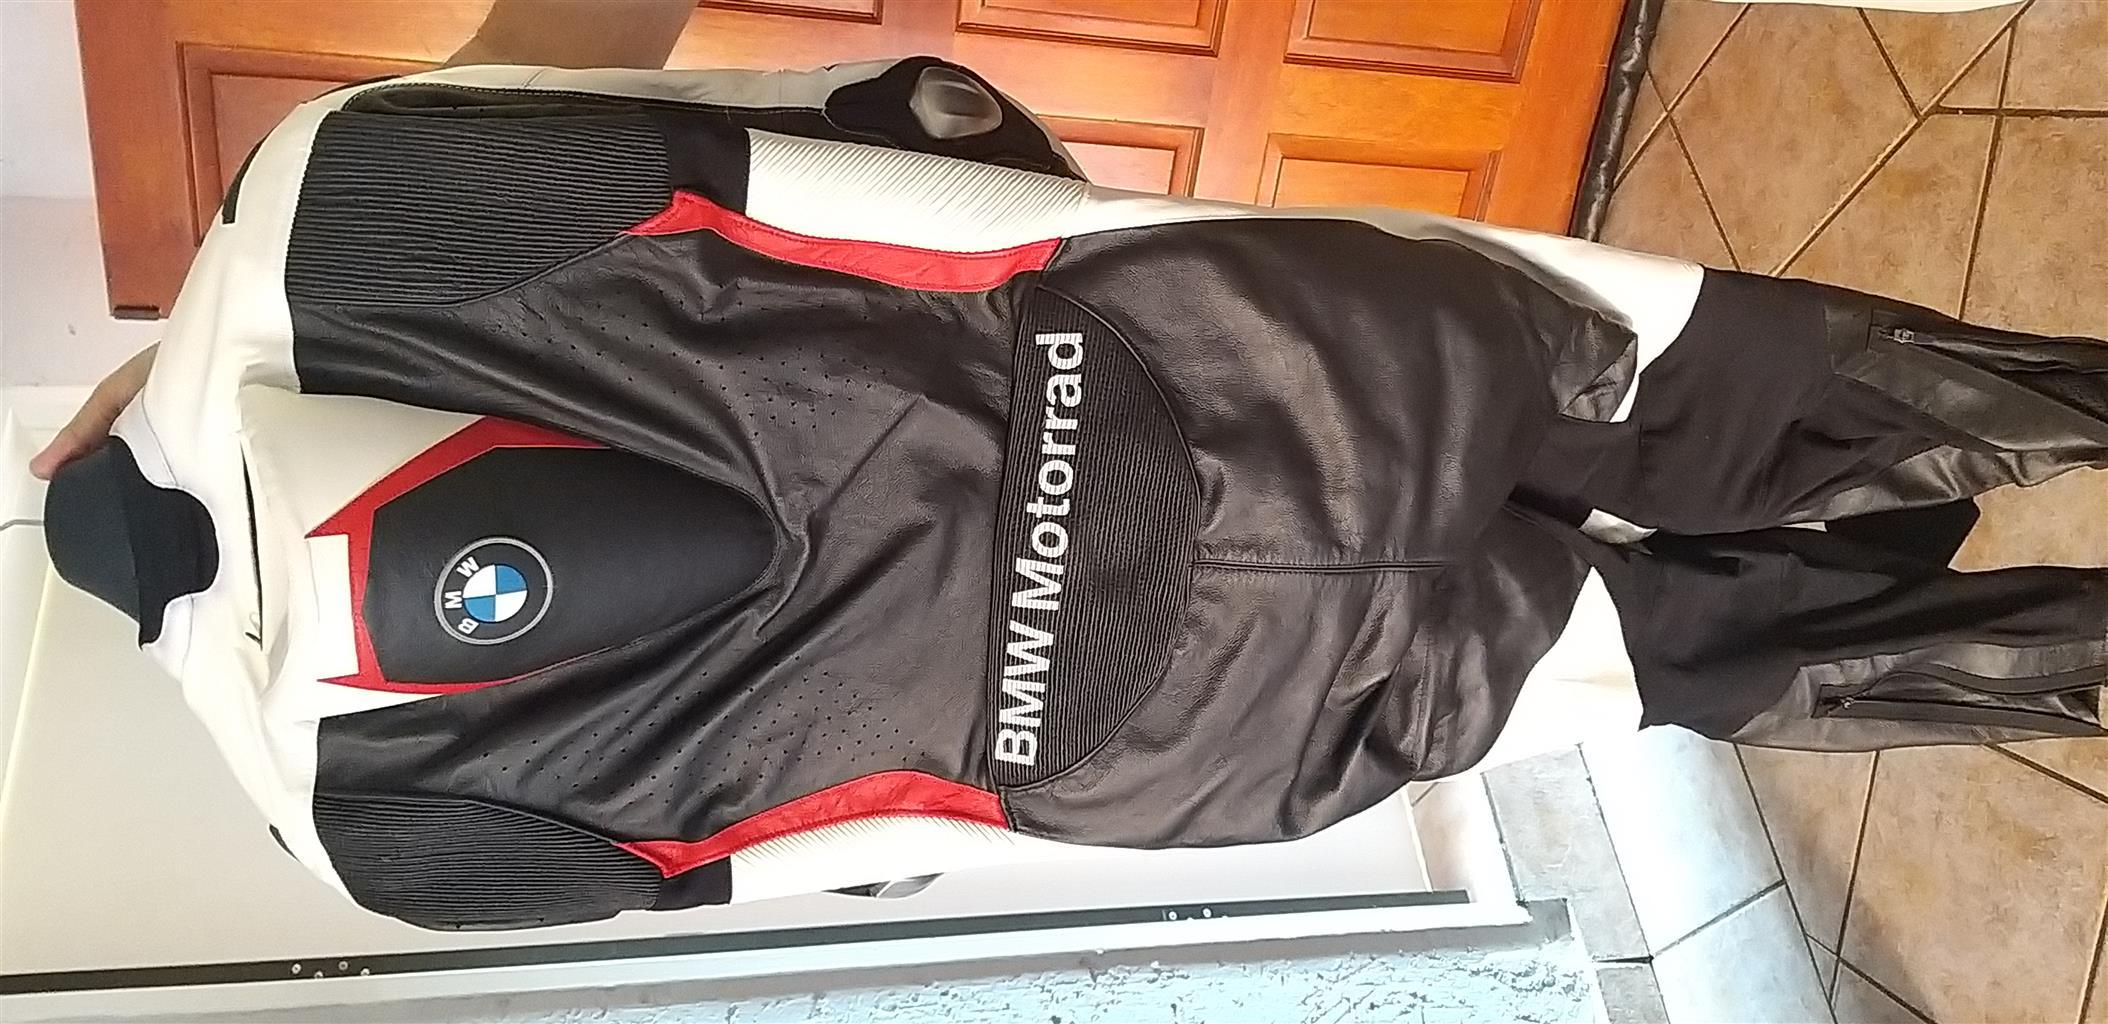 BMW RR Race Suite (full kit)